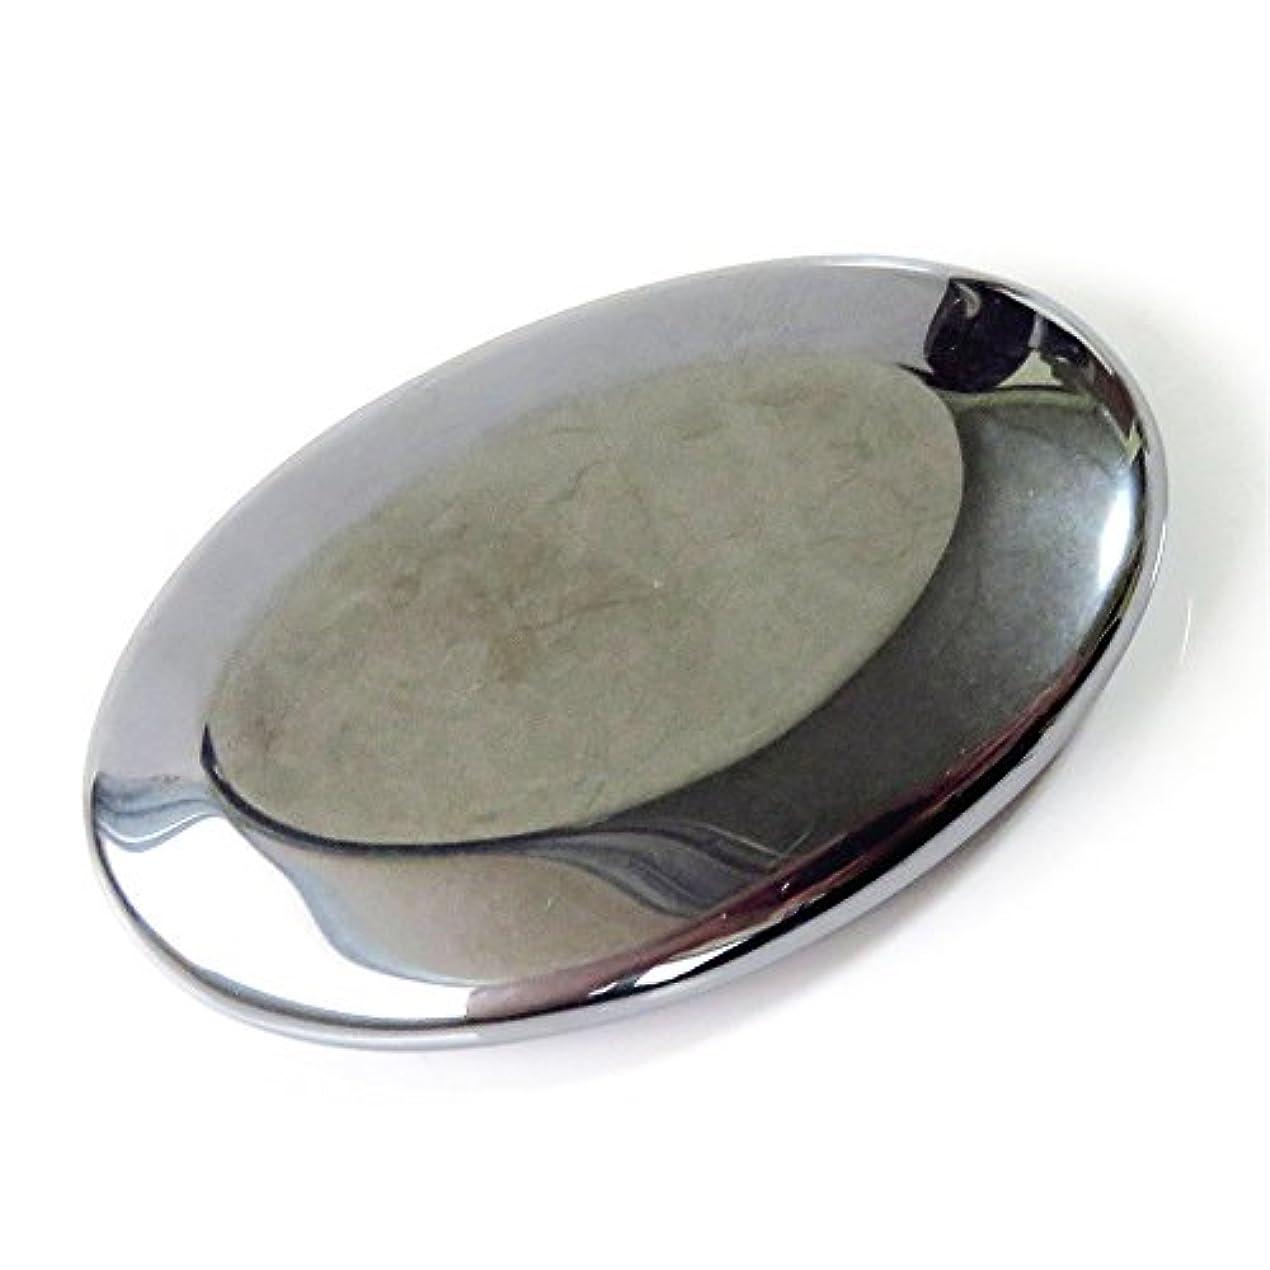 必需品引退する徴収エステ業界も注目 テラヘルツ鉱石かっさプレート 楕円型